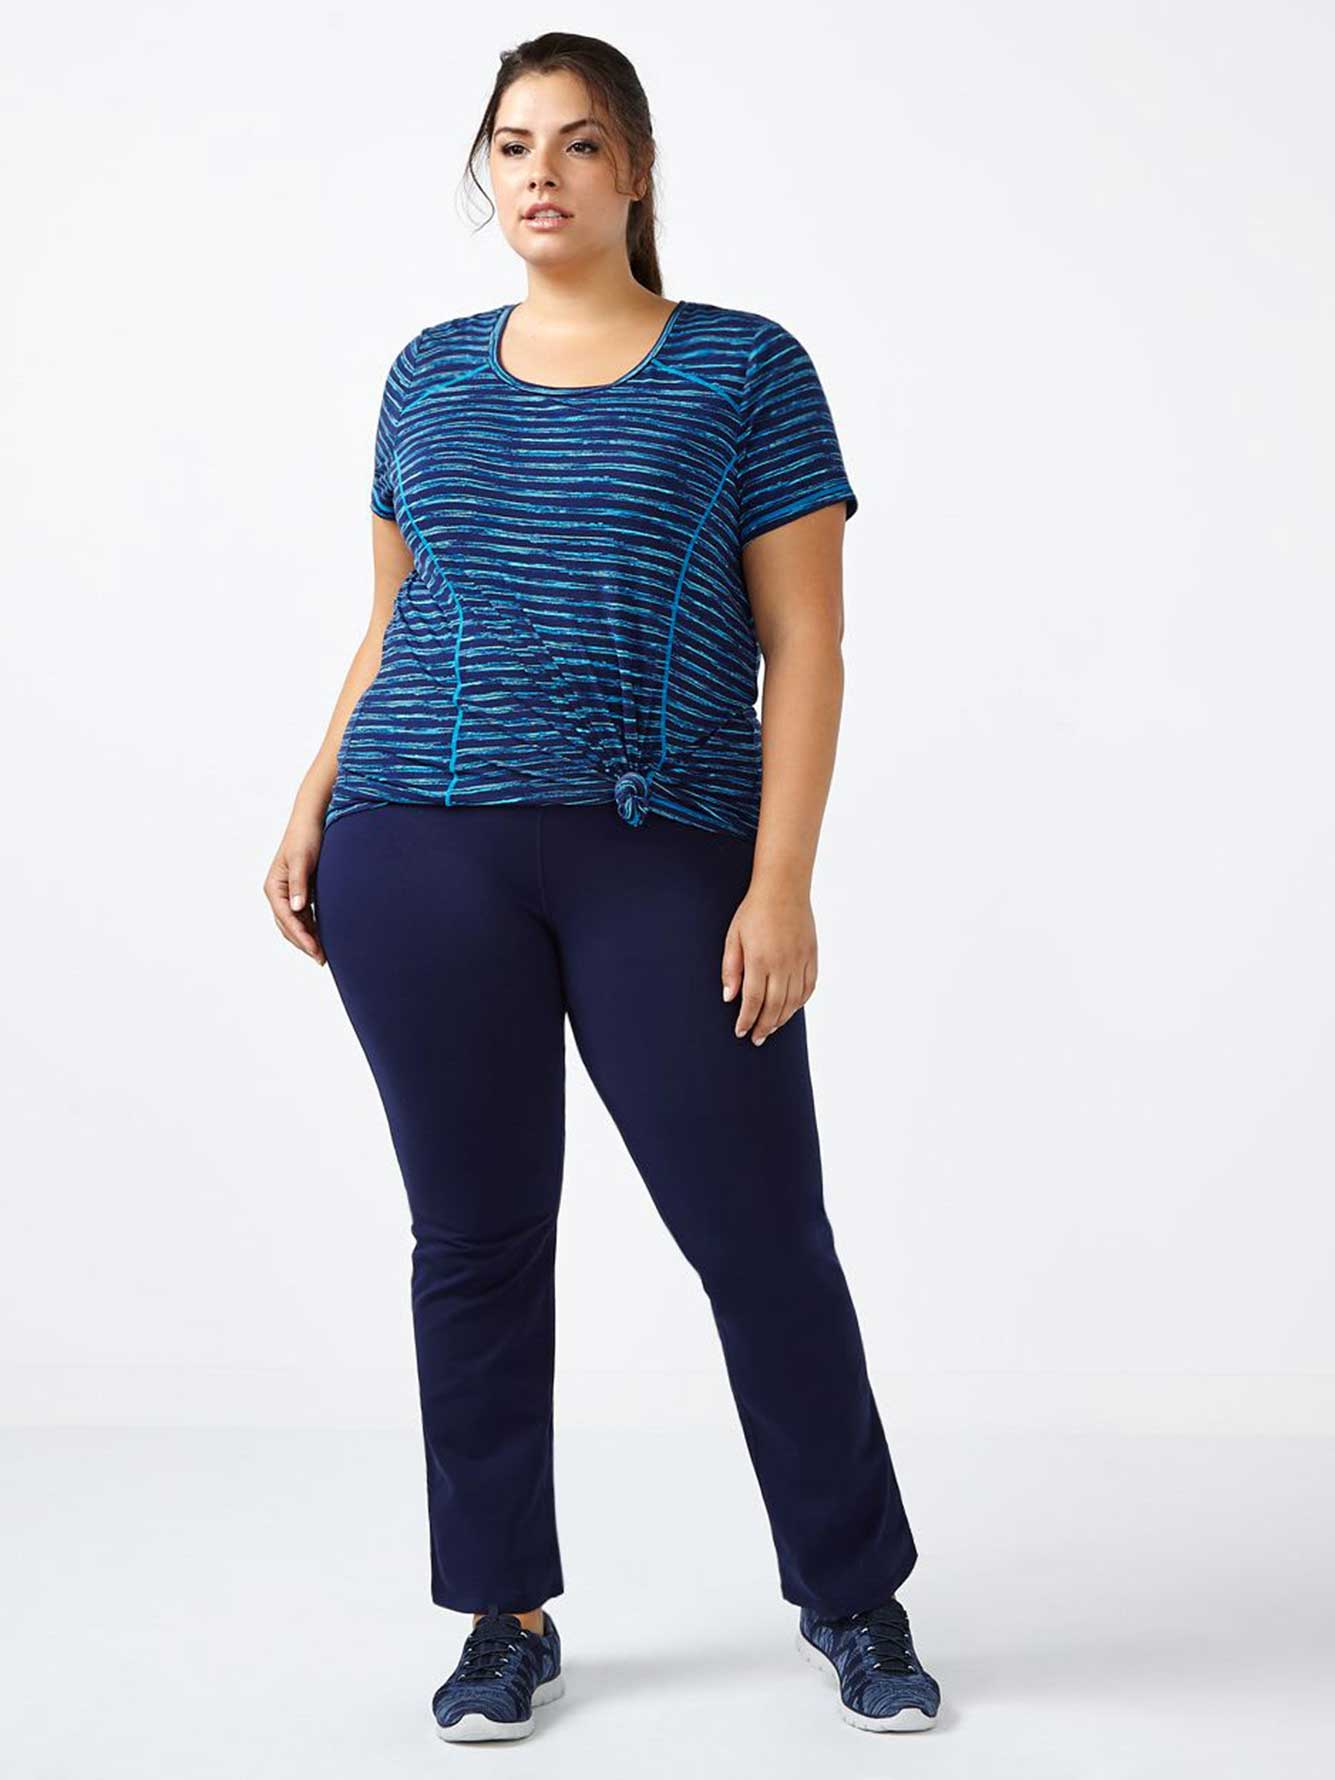 462681270f7 Essentials - Petite Plus-Size Basic Yoga Pant